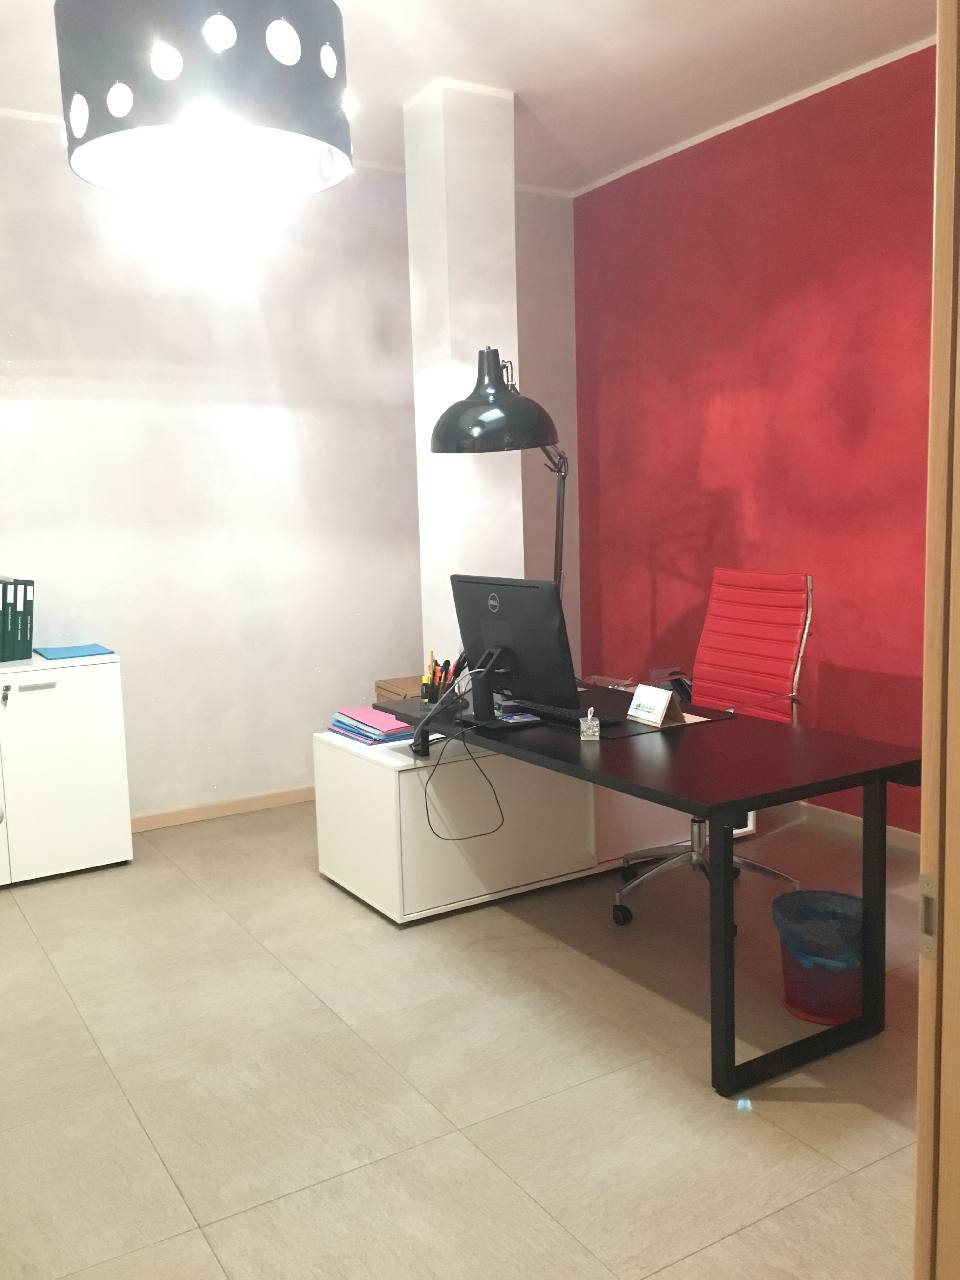 Affitto - Ufficio - Meridiana - Casalecchio di Reno - € 150